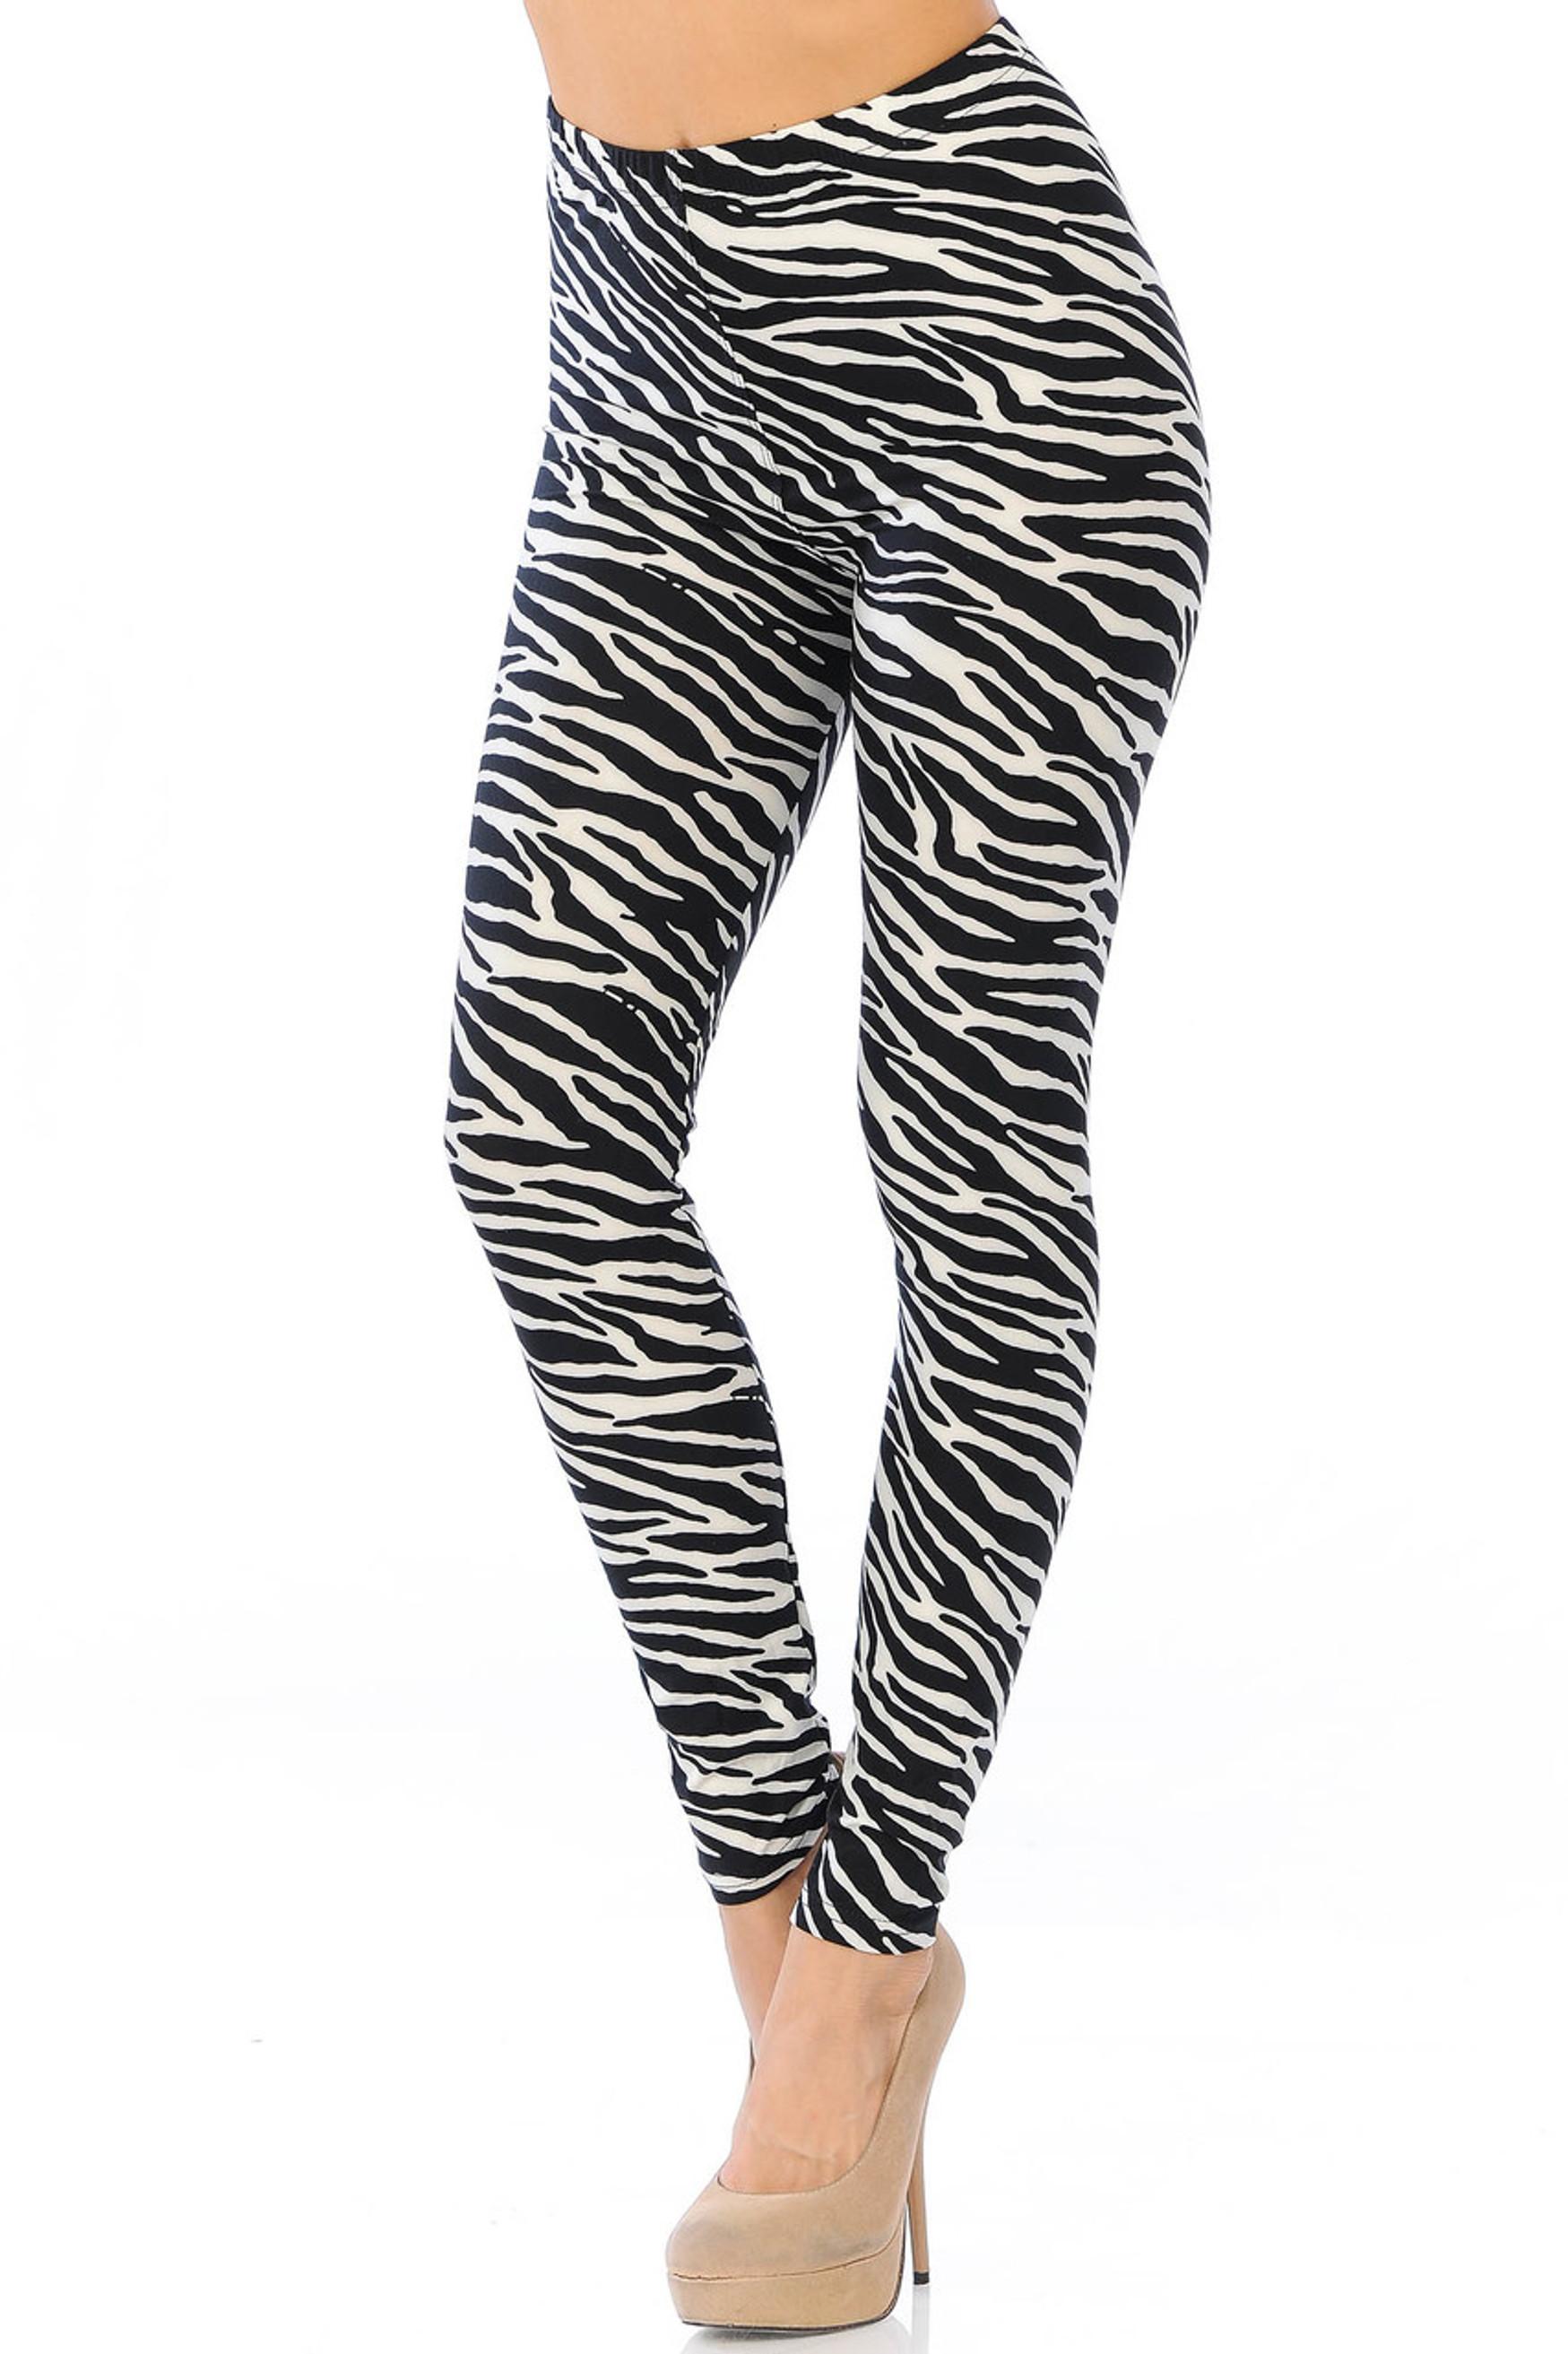 Brushed Zebra Plus Size Leggings